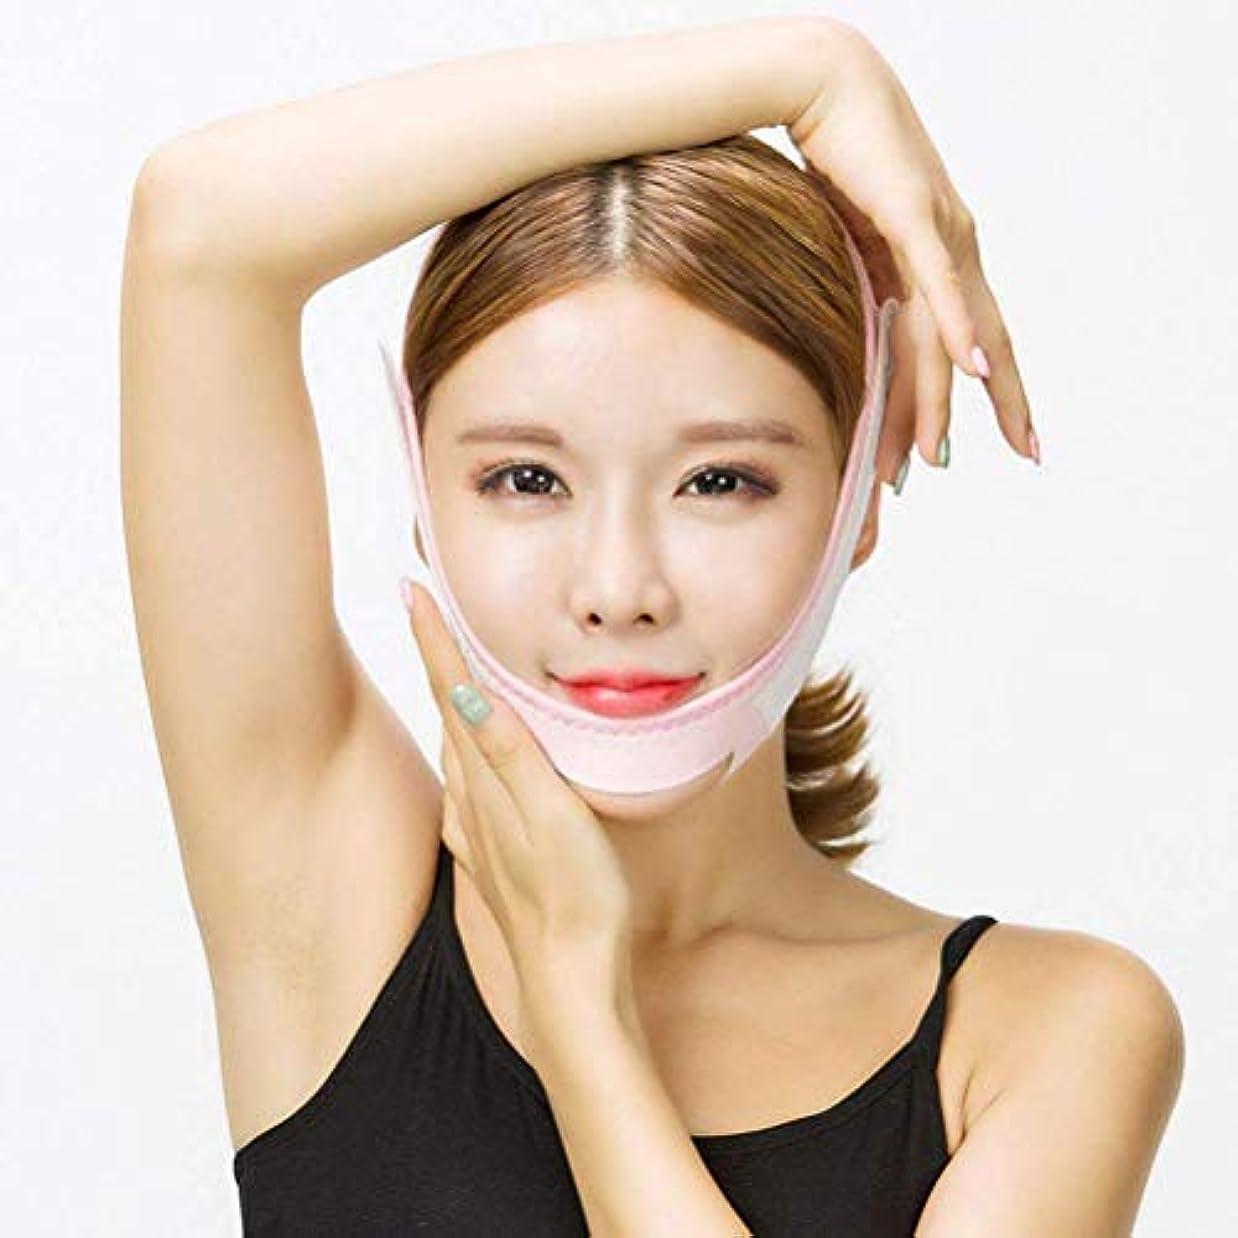 眉をひそめるスキップ贅沢な二重あごベルト、薄いフェイスマスクフェイスリフト包帯、V顔面赤面フェイスリフトアーティファクト/あごチークマスク